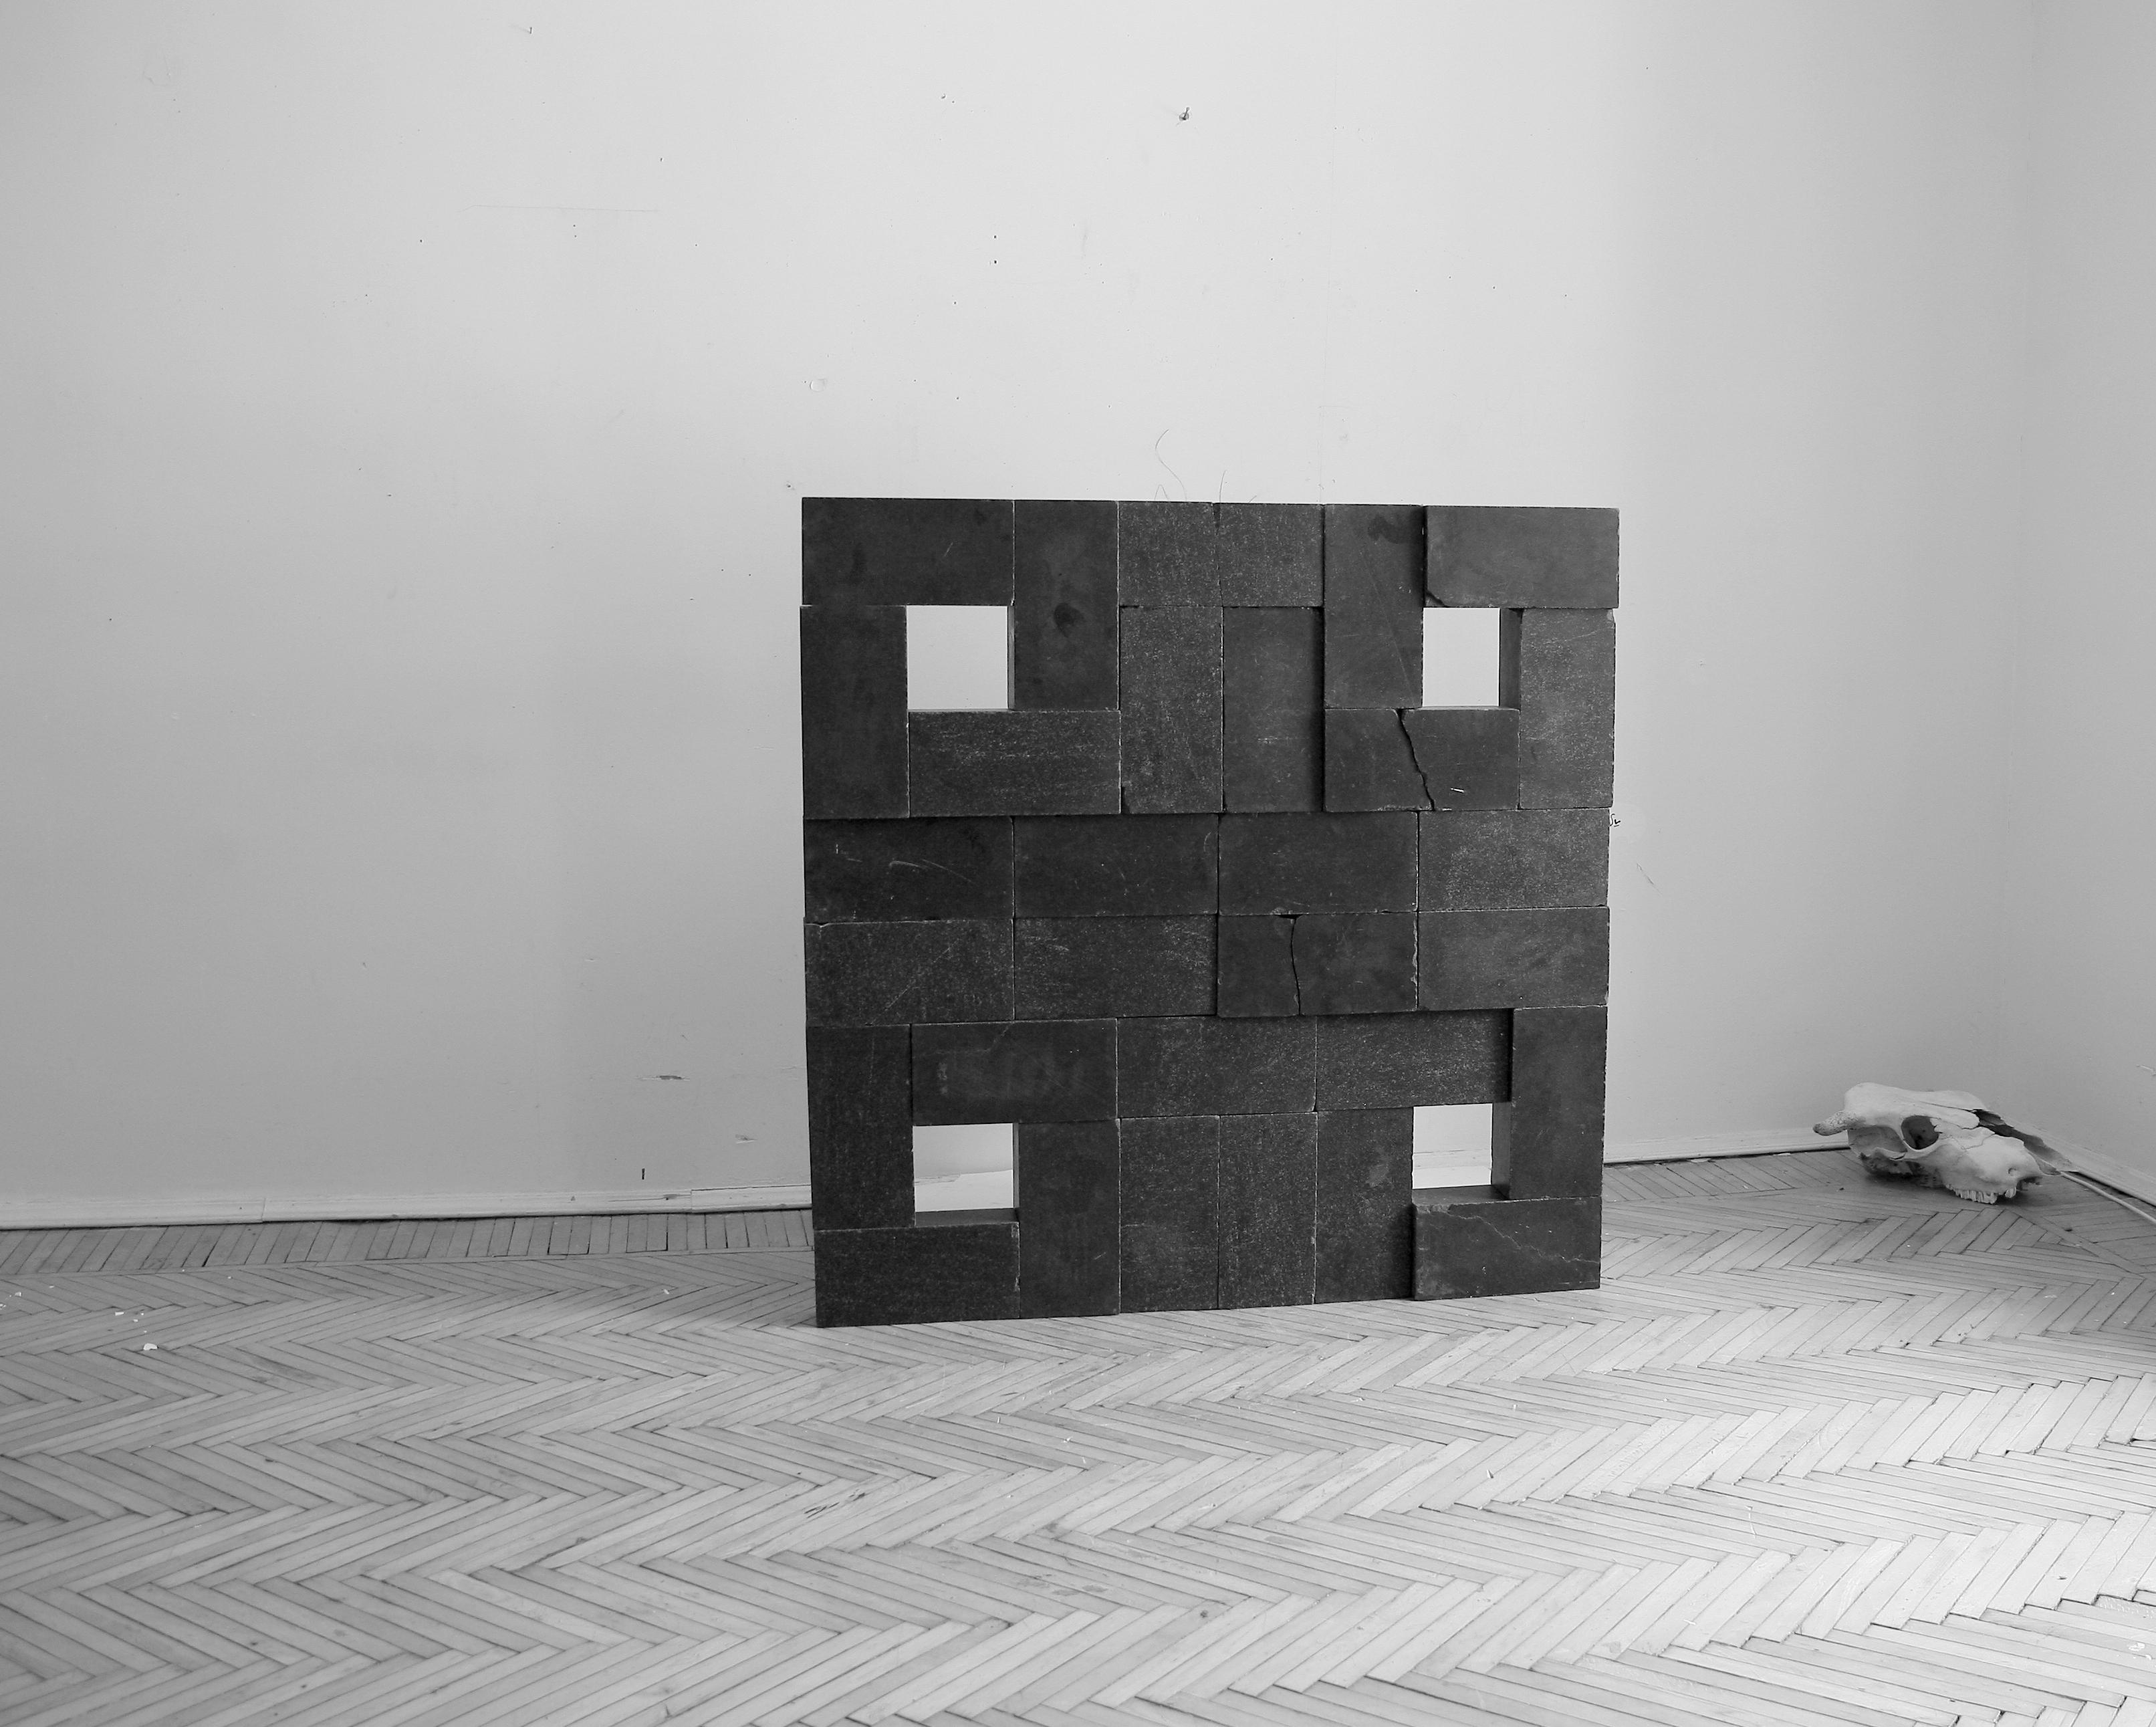 Hintergrundbilder : Zeichnung, Weiß, schwarz, einfarbig, die ...